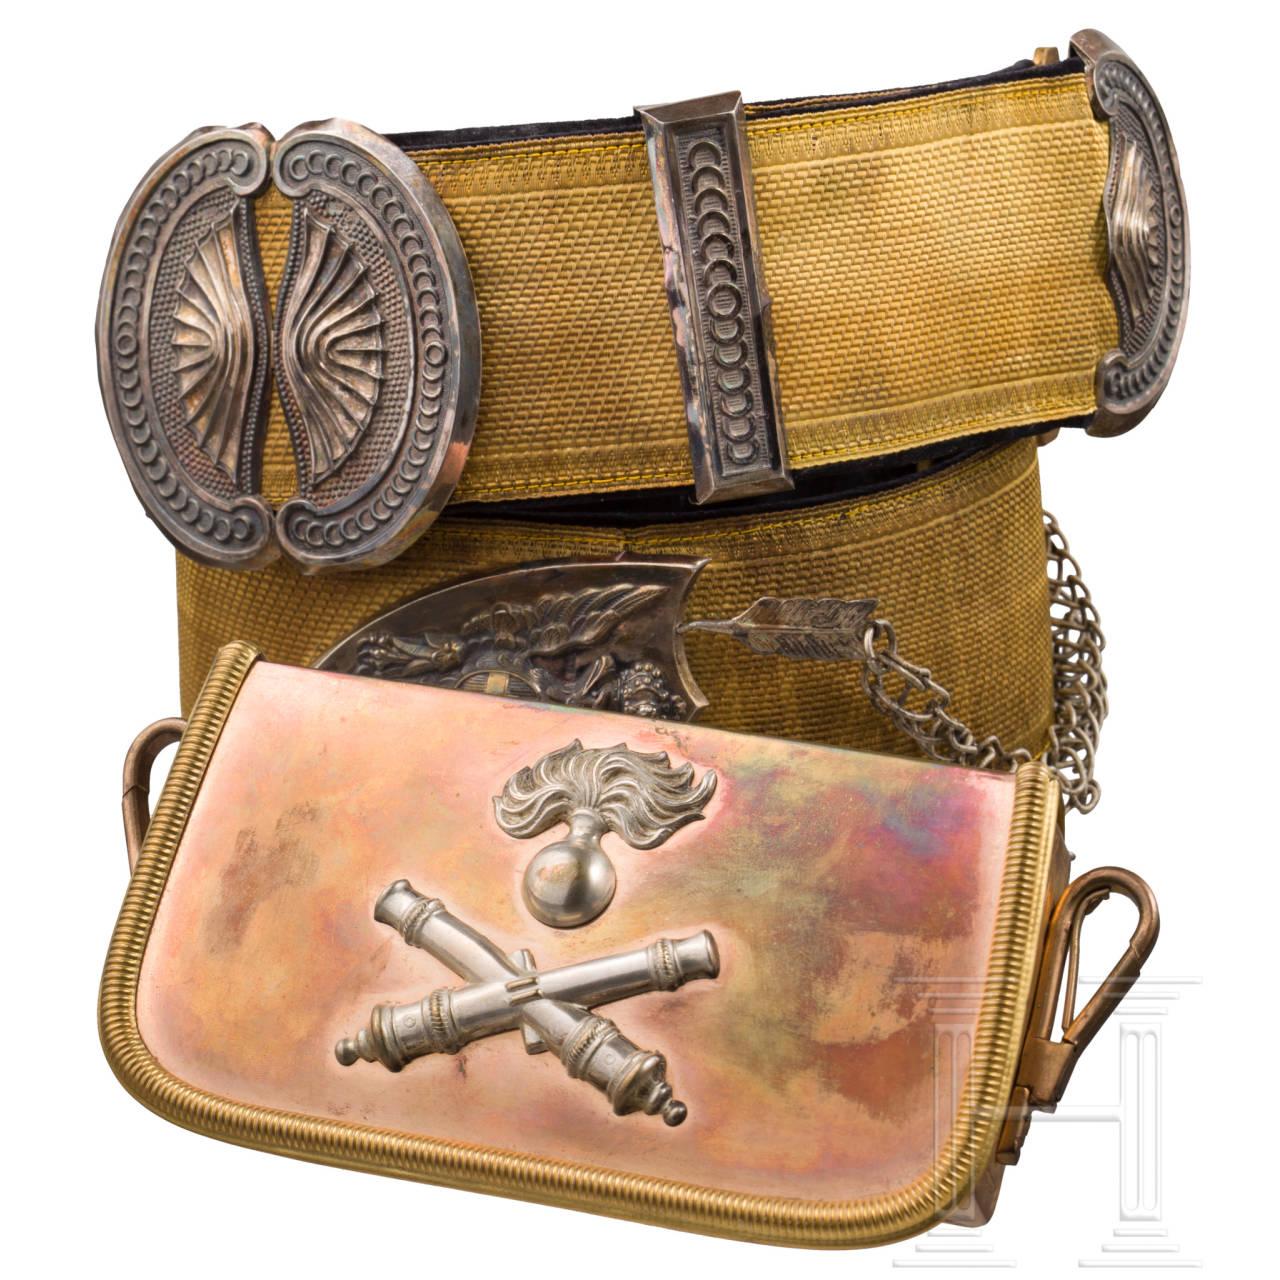 Kartuschkasten und Bandelier für Offiziere der berittenen Artillerie, um 1930